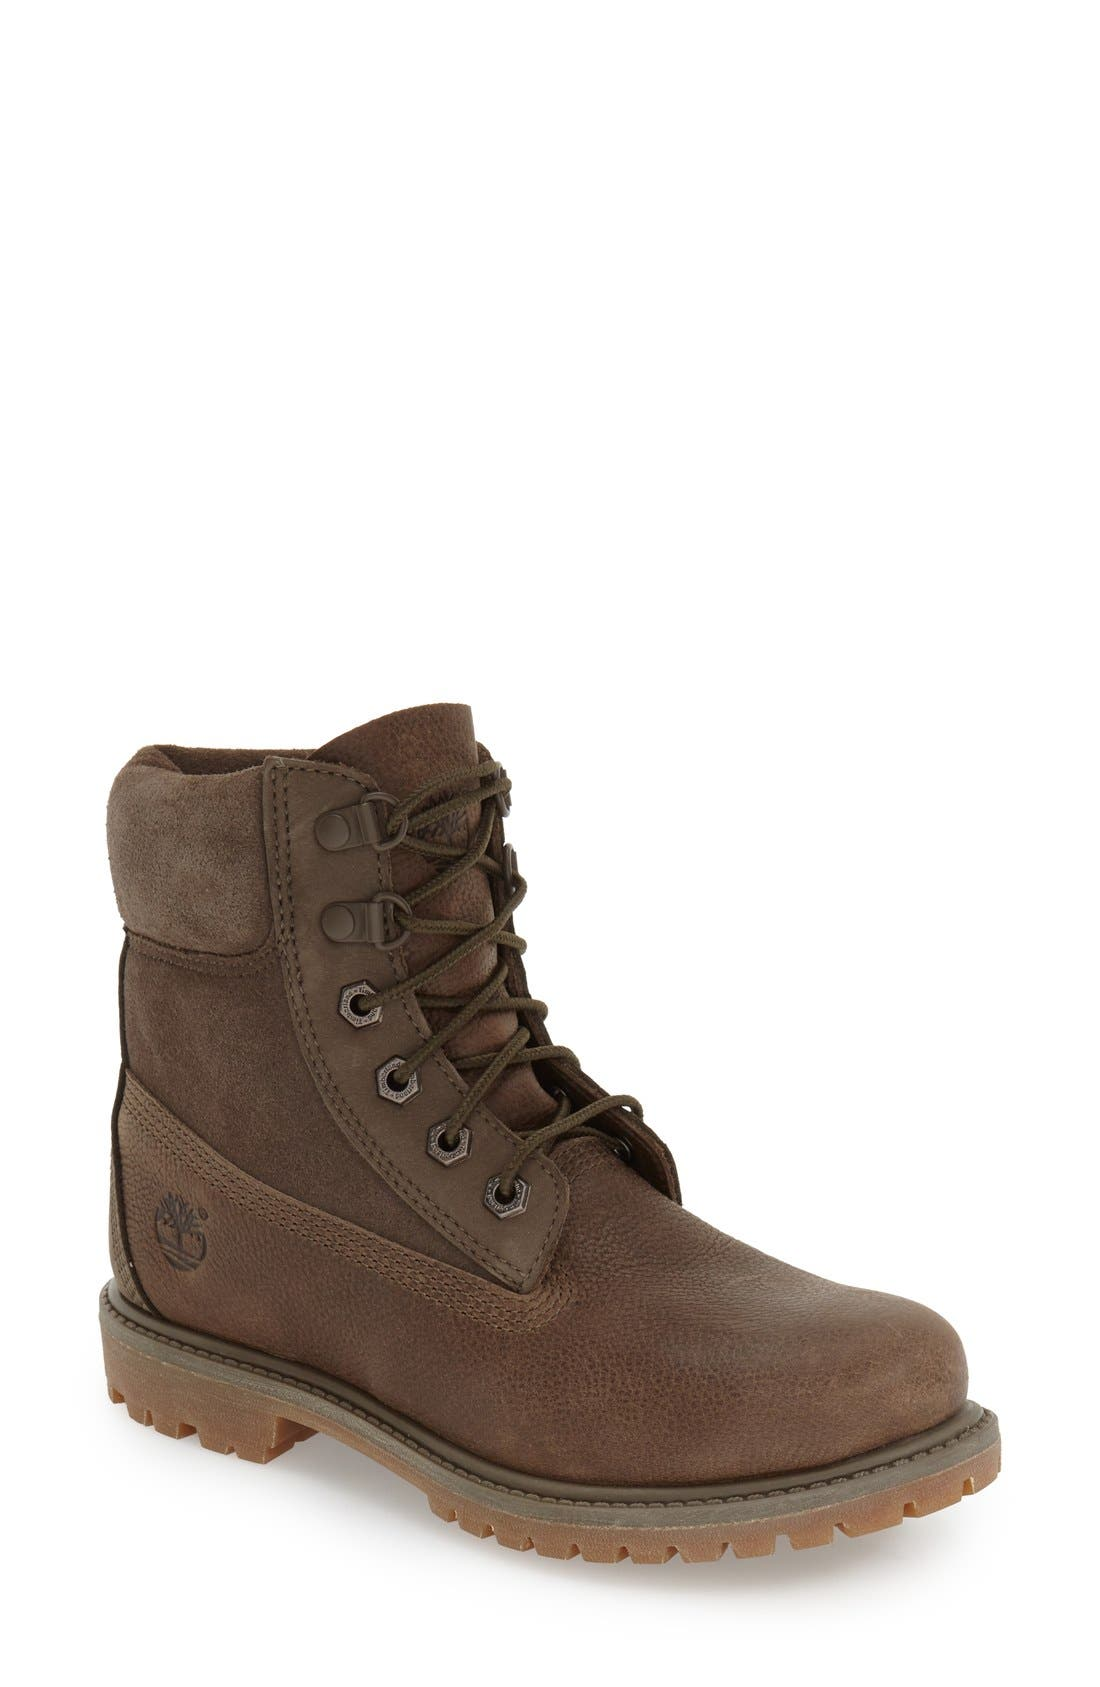 Main Image - Timberland '6 Inch Premium' Waterproof Boot (Women)